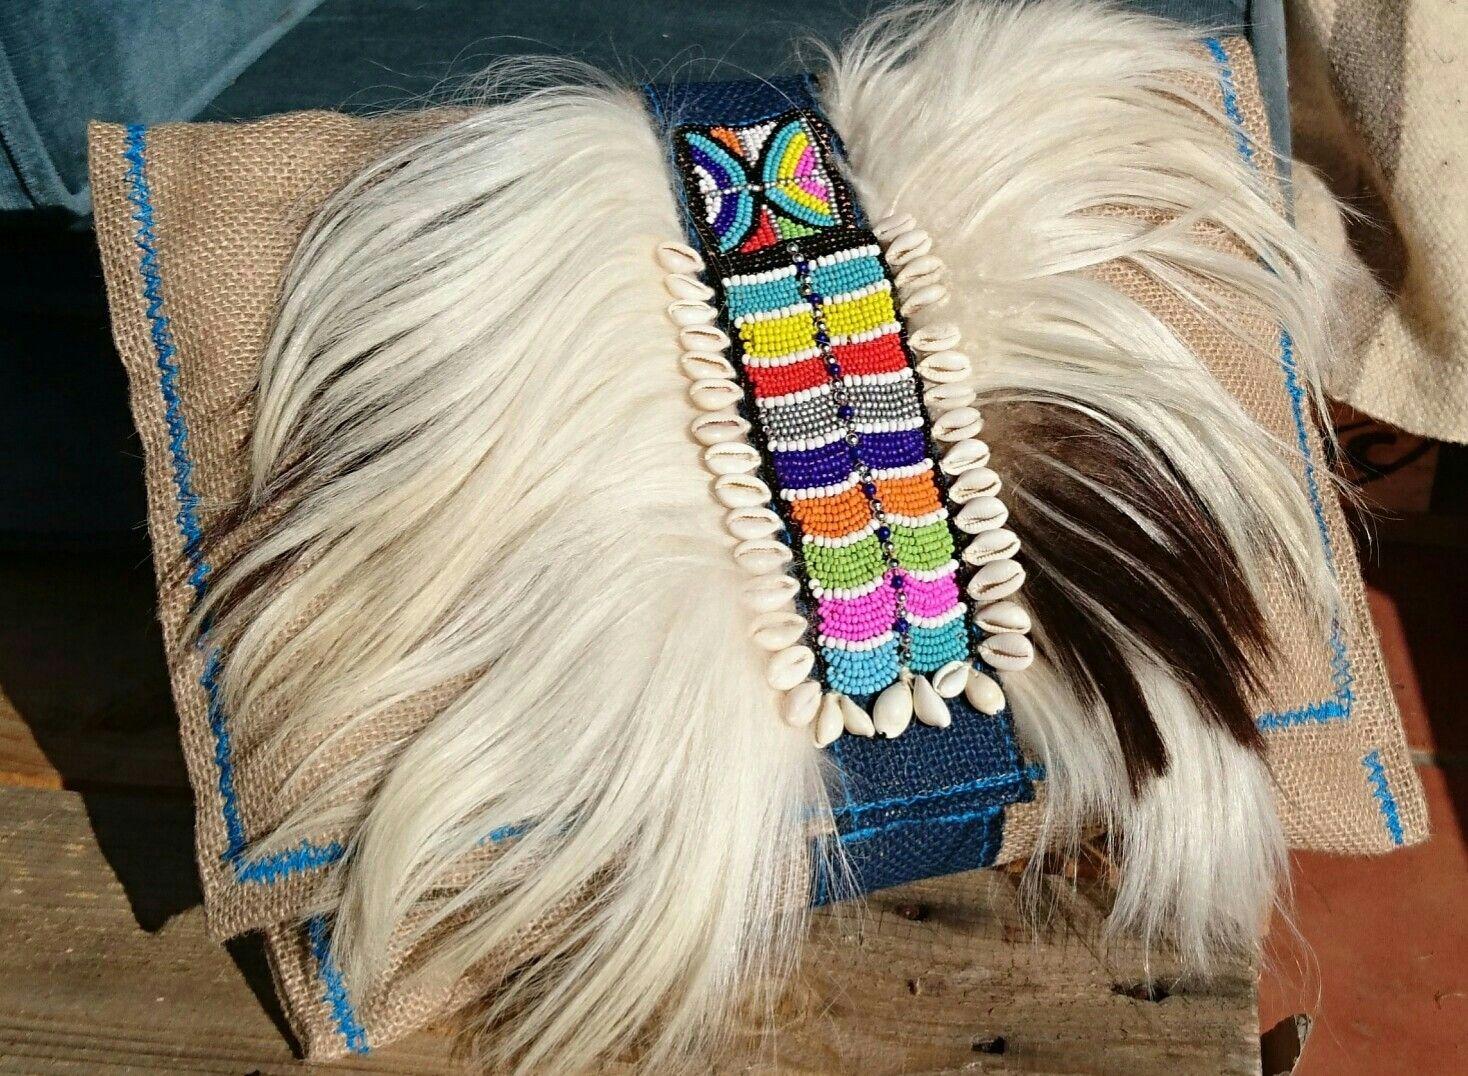 Modelo Kikuyu de PROVATO.  Cartera de rafia con pelo de cabra y bordado de abalorios y conchas, forrada con tela de algodón.